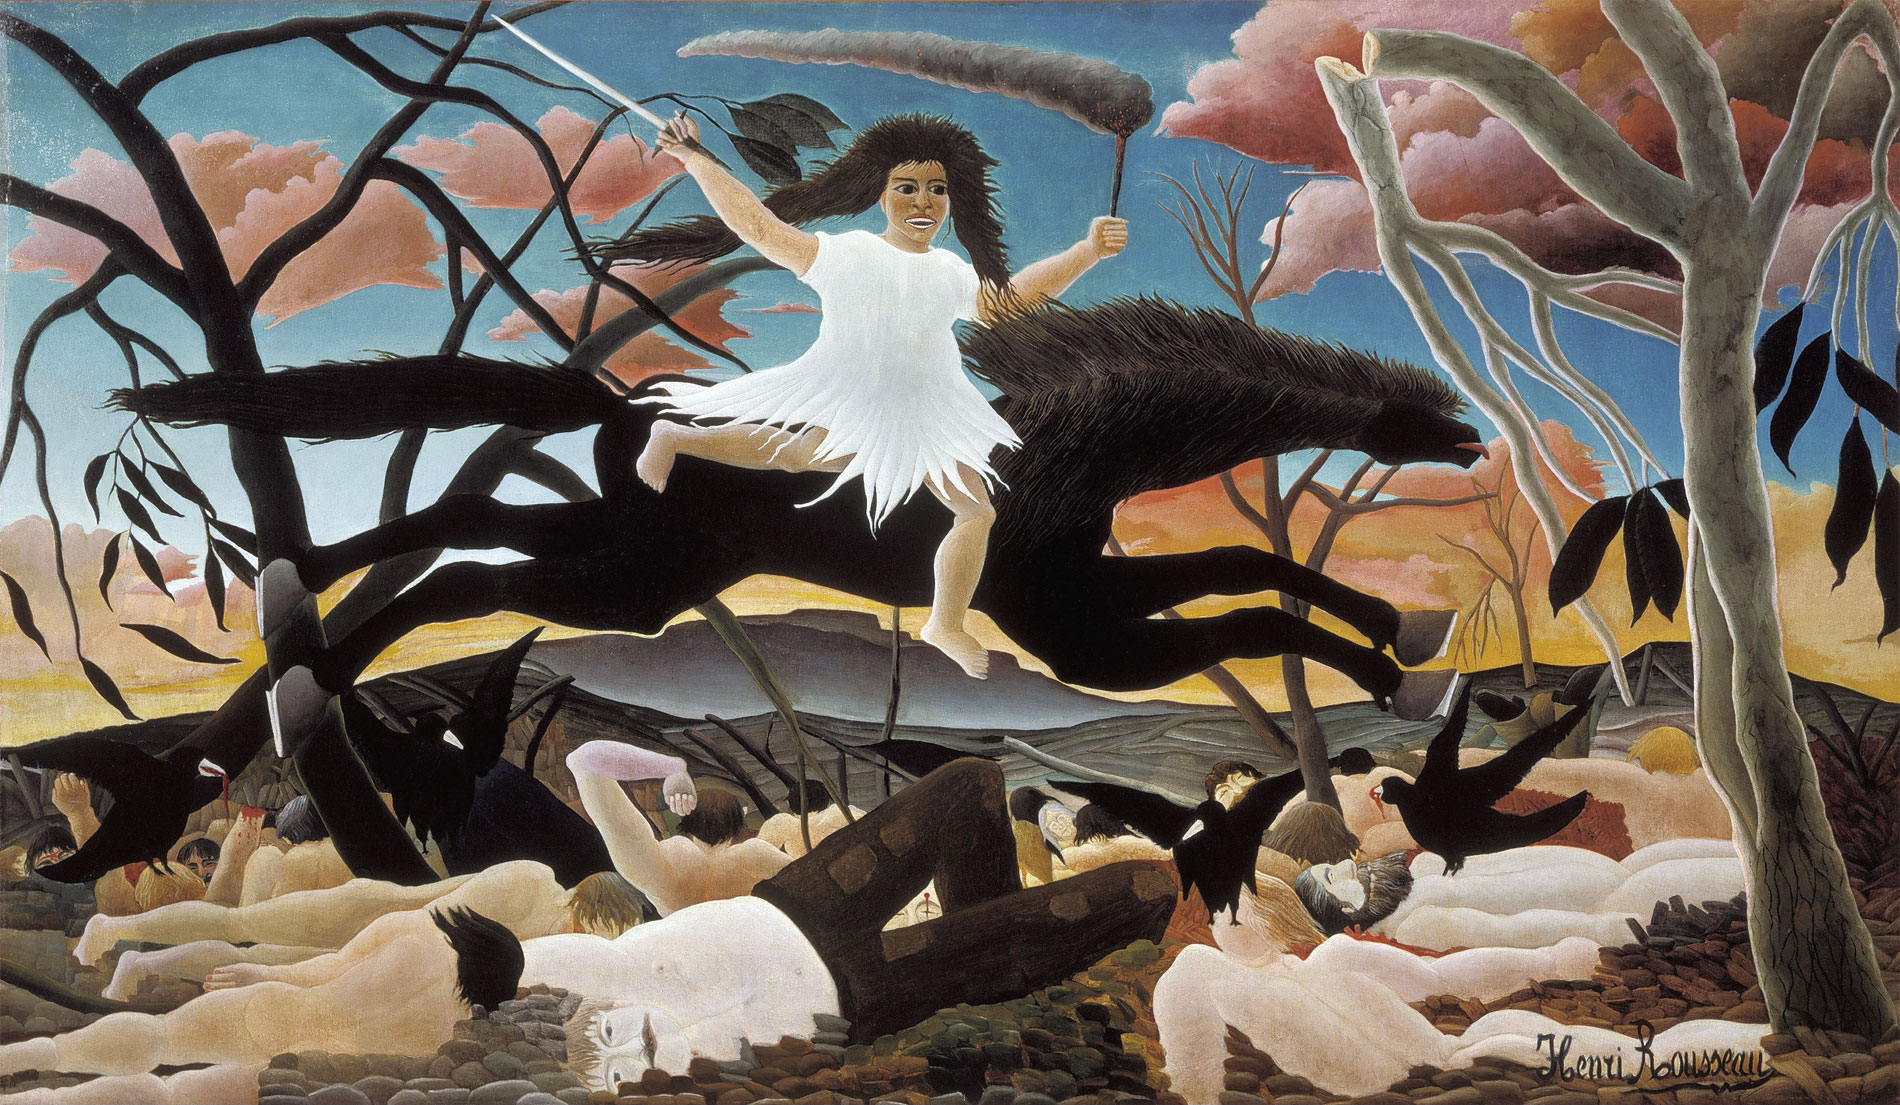 La guerra (La guerre) - 1894 - Henri Rousseau